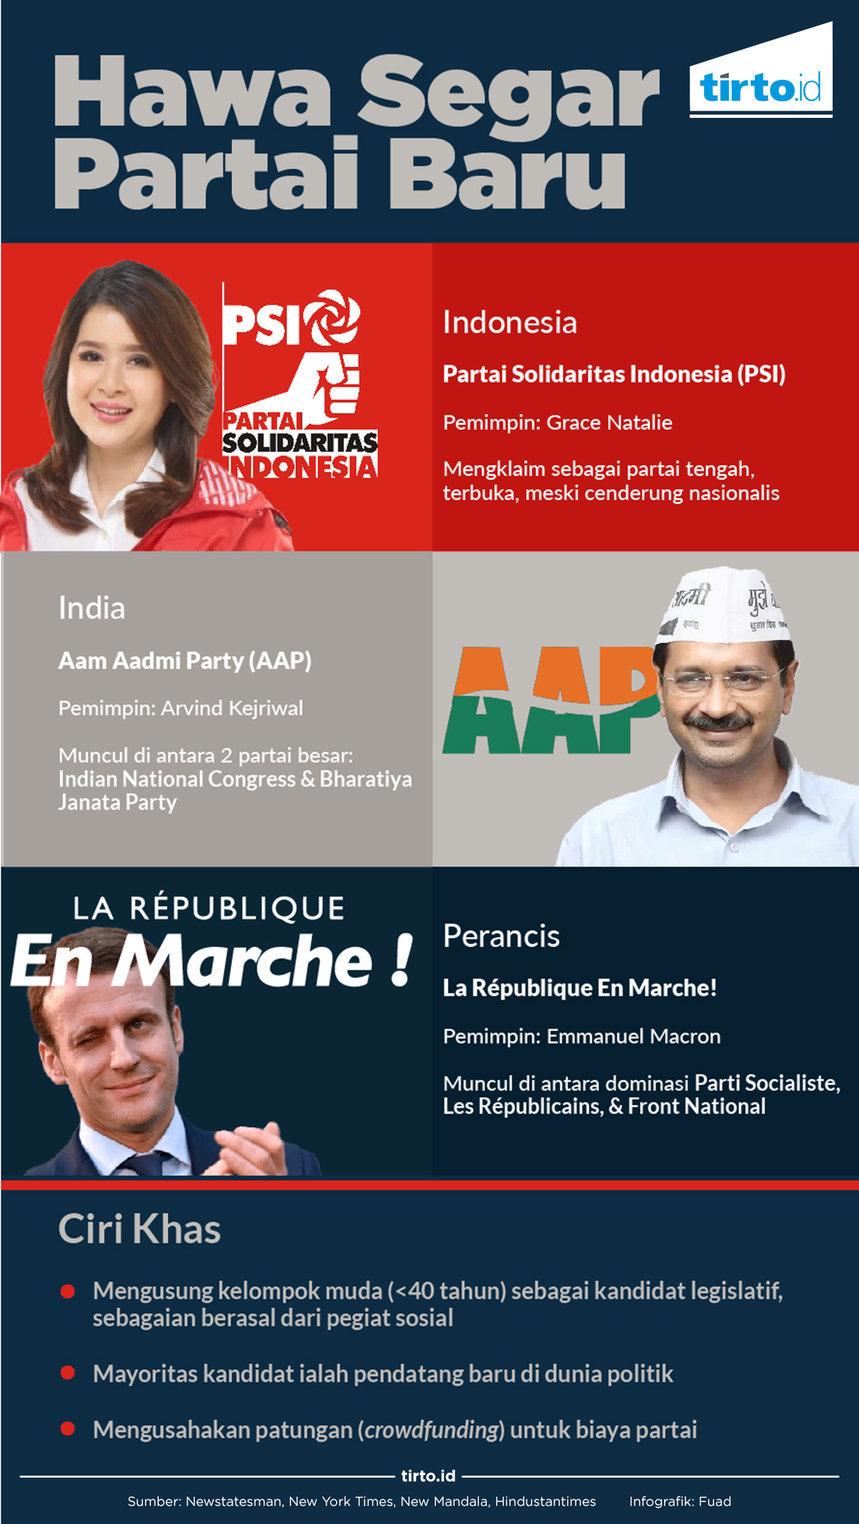 Infografik Hawa segar partai baru